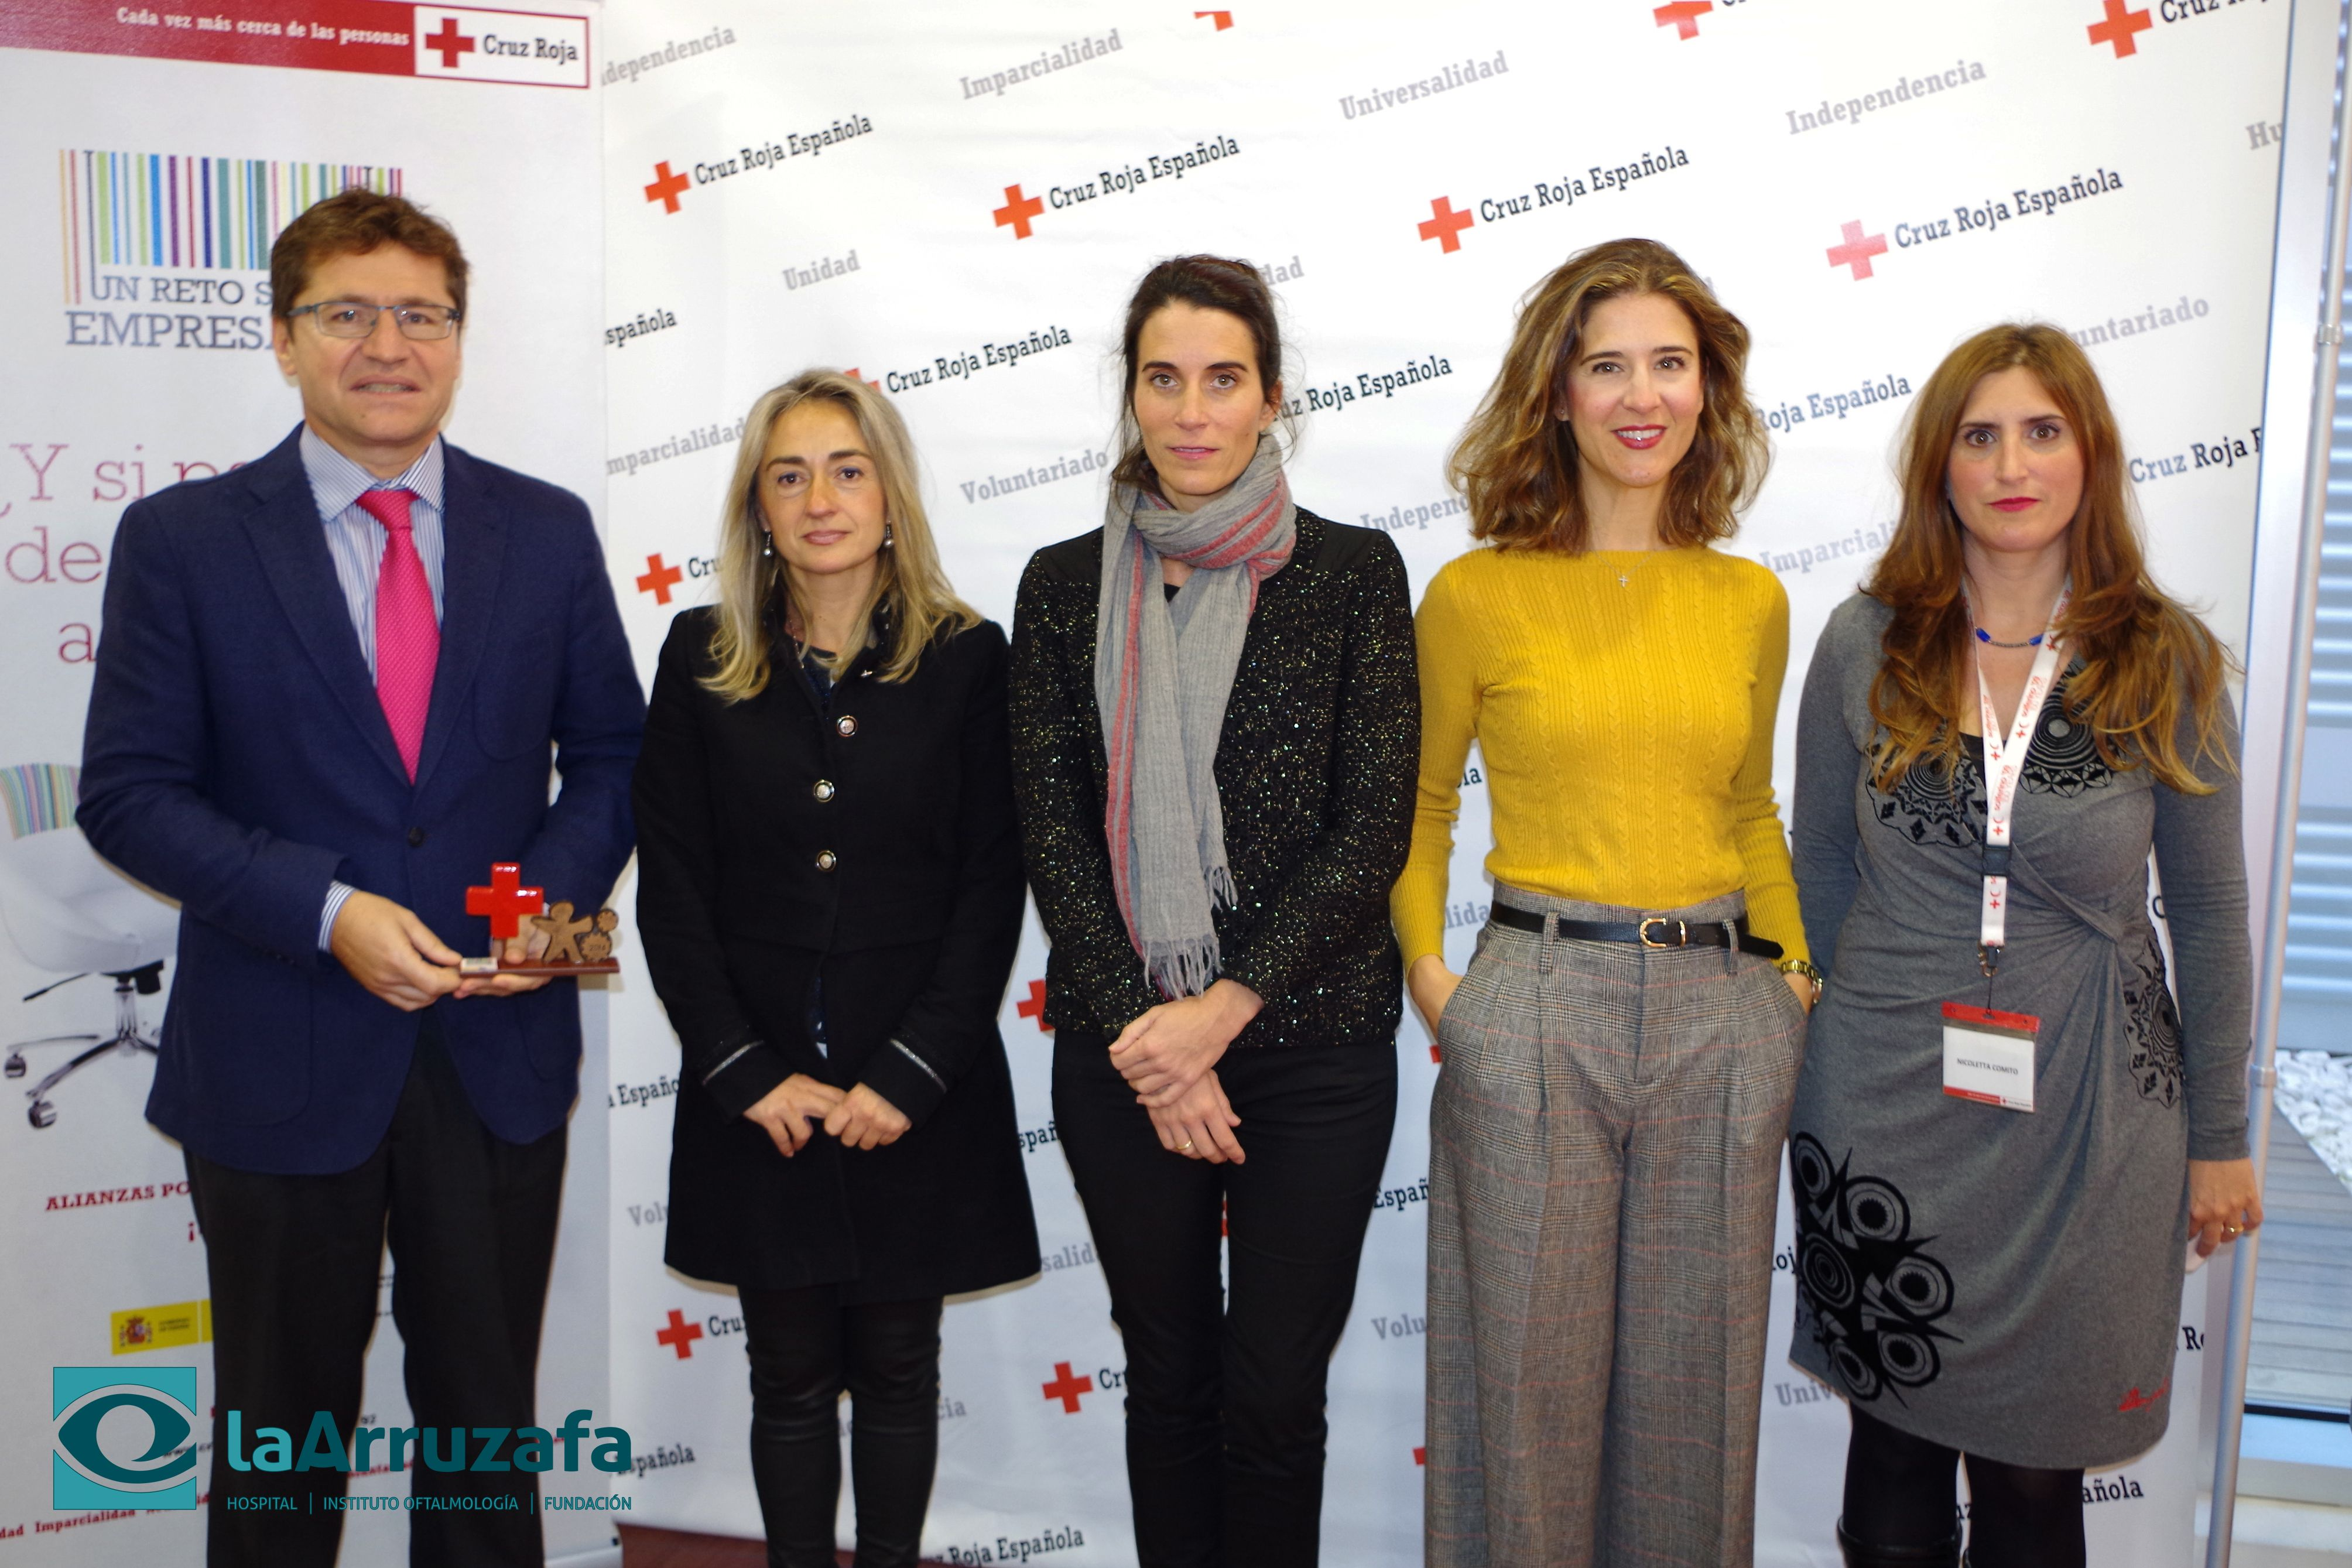 Cruz Roja reconoce la labor del Hospital La Arruzafa por participar en programas de inserción social